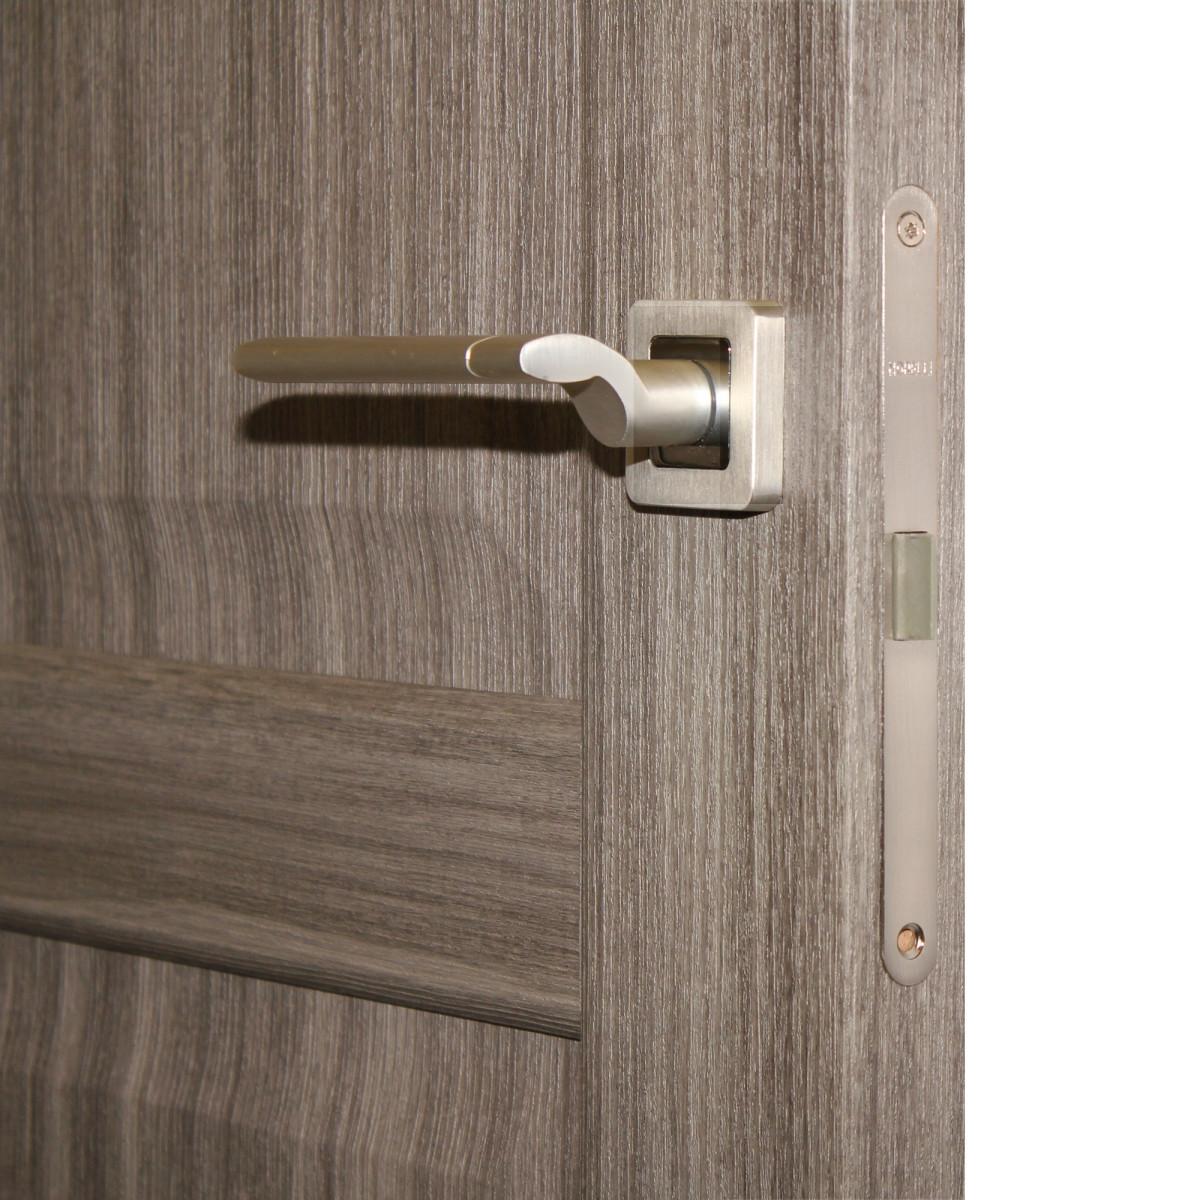 Дверь Межкомнатная Глухая Artens Мария 60x200 Цвет Серый Дуб